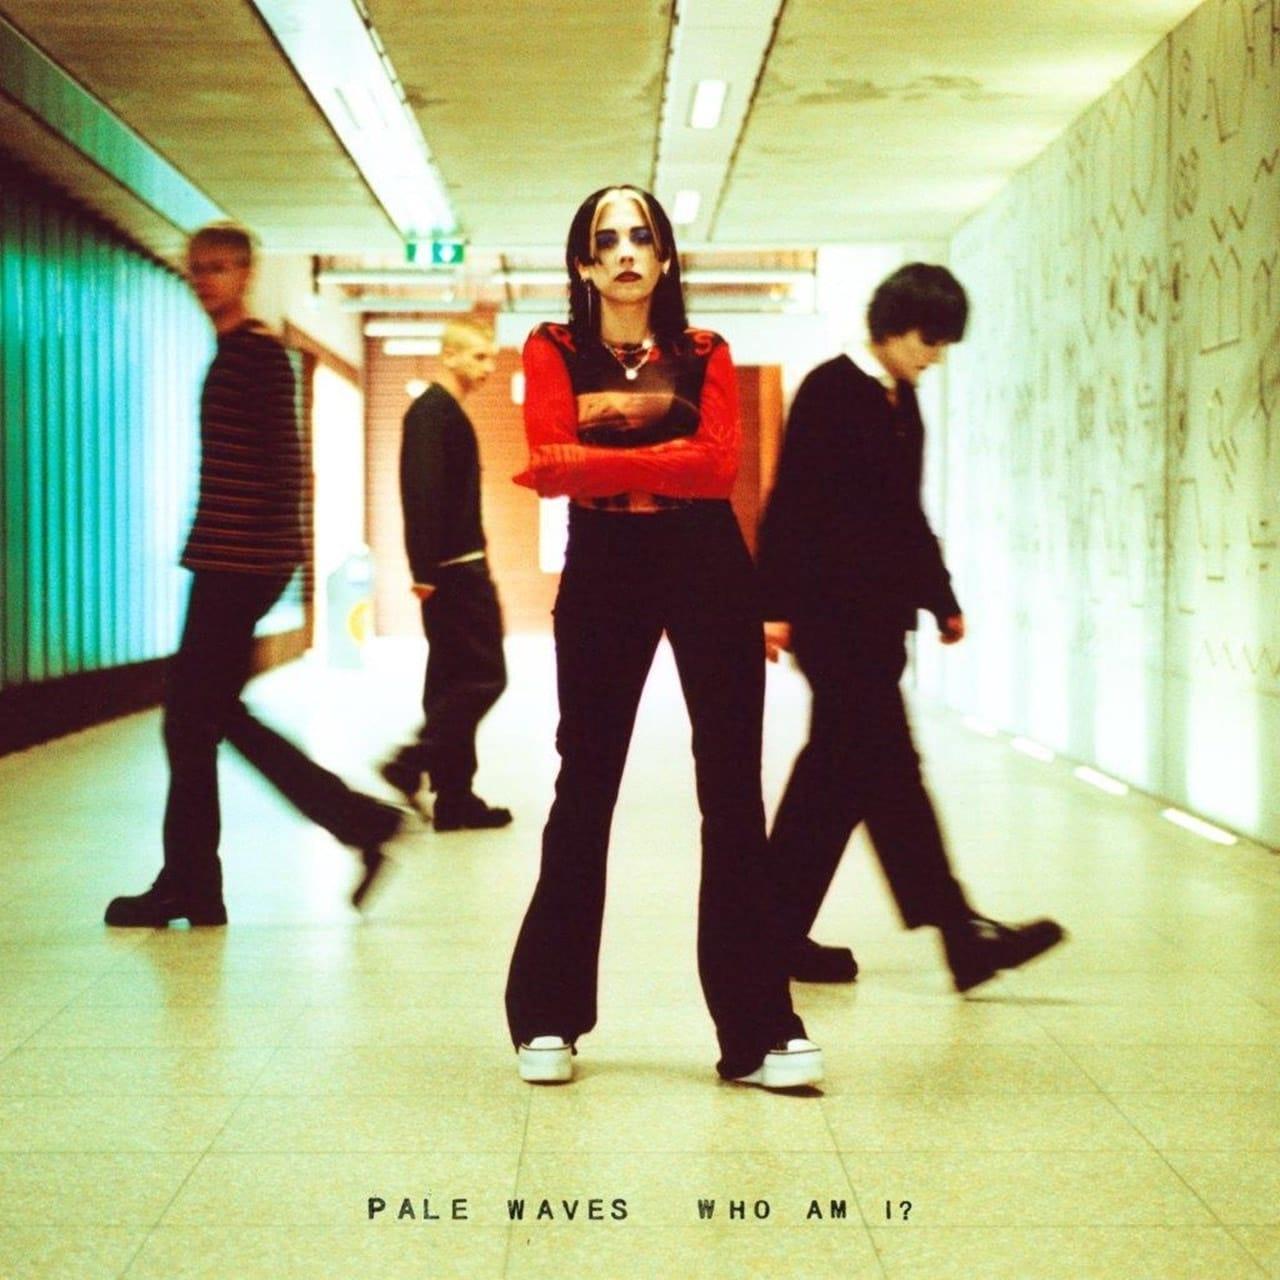 PALE WAVES / WHO AM I